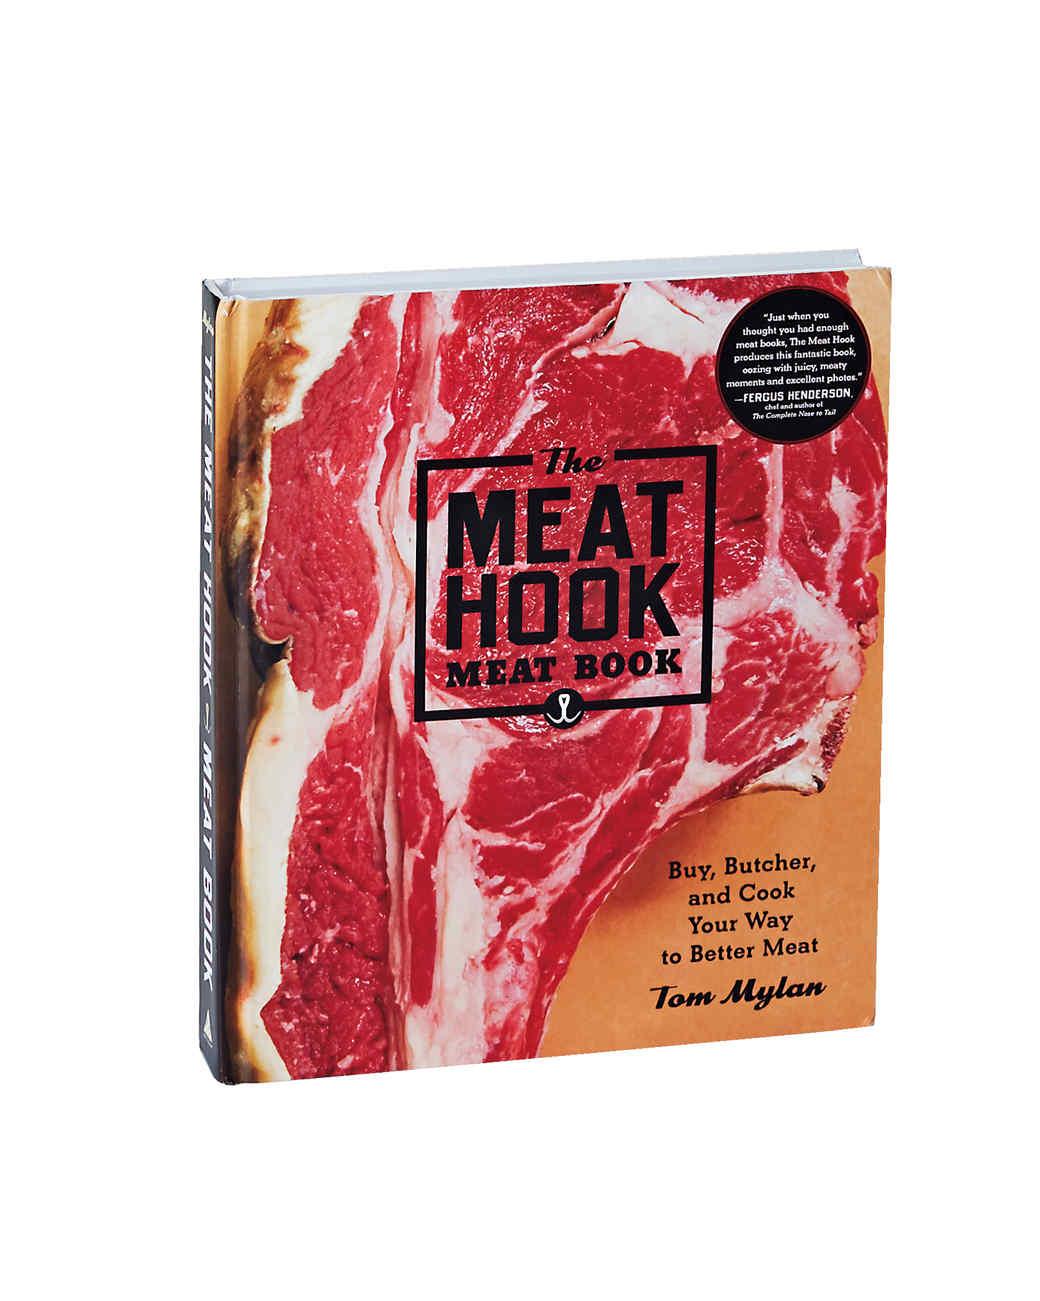 meat-hook-book-134-d111109.jpg